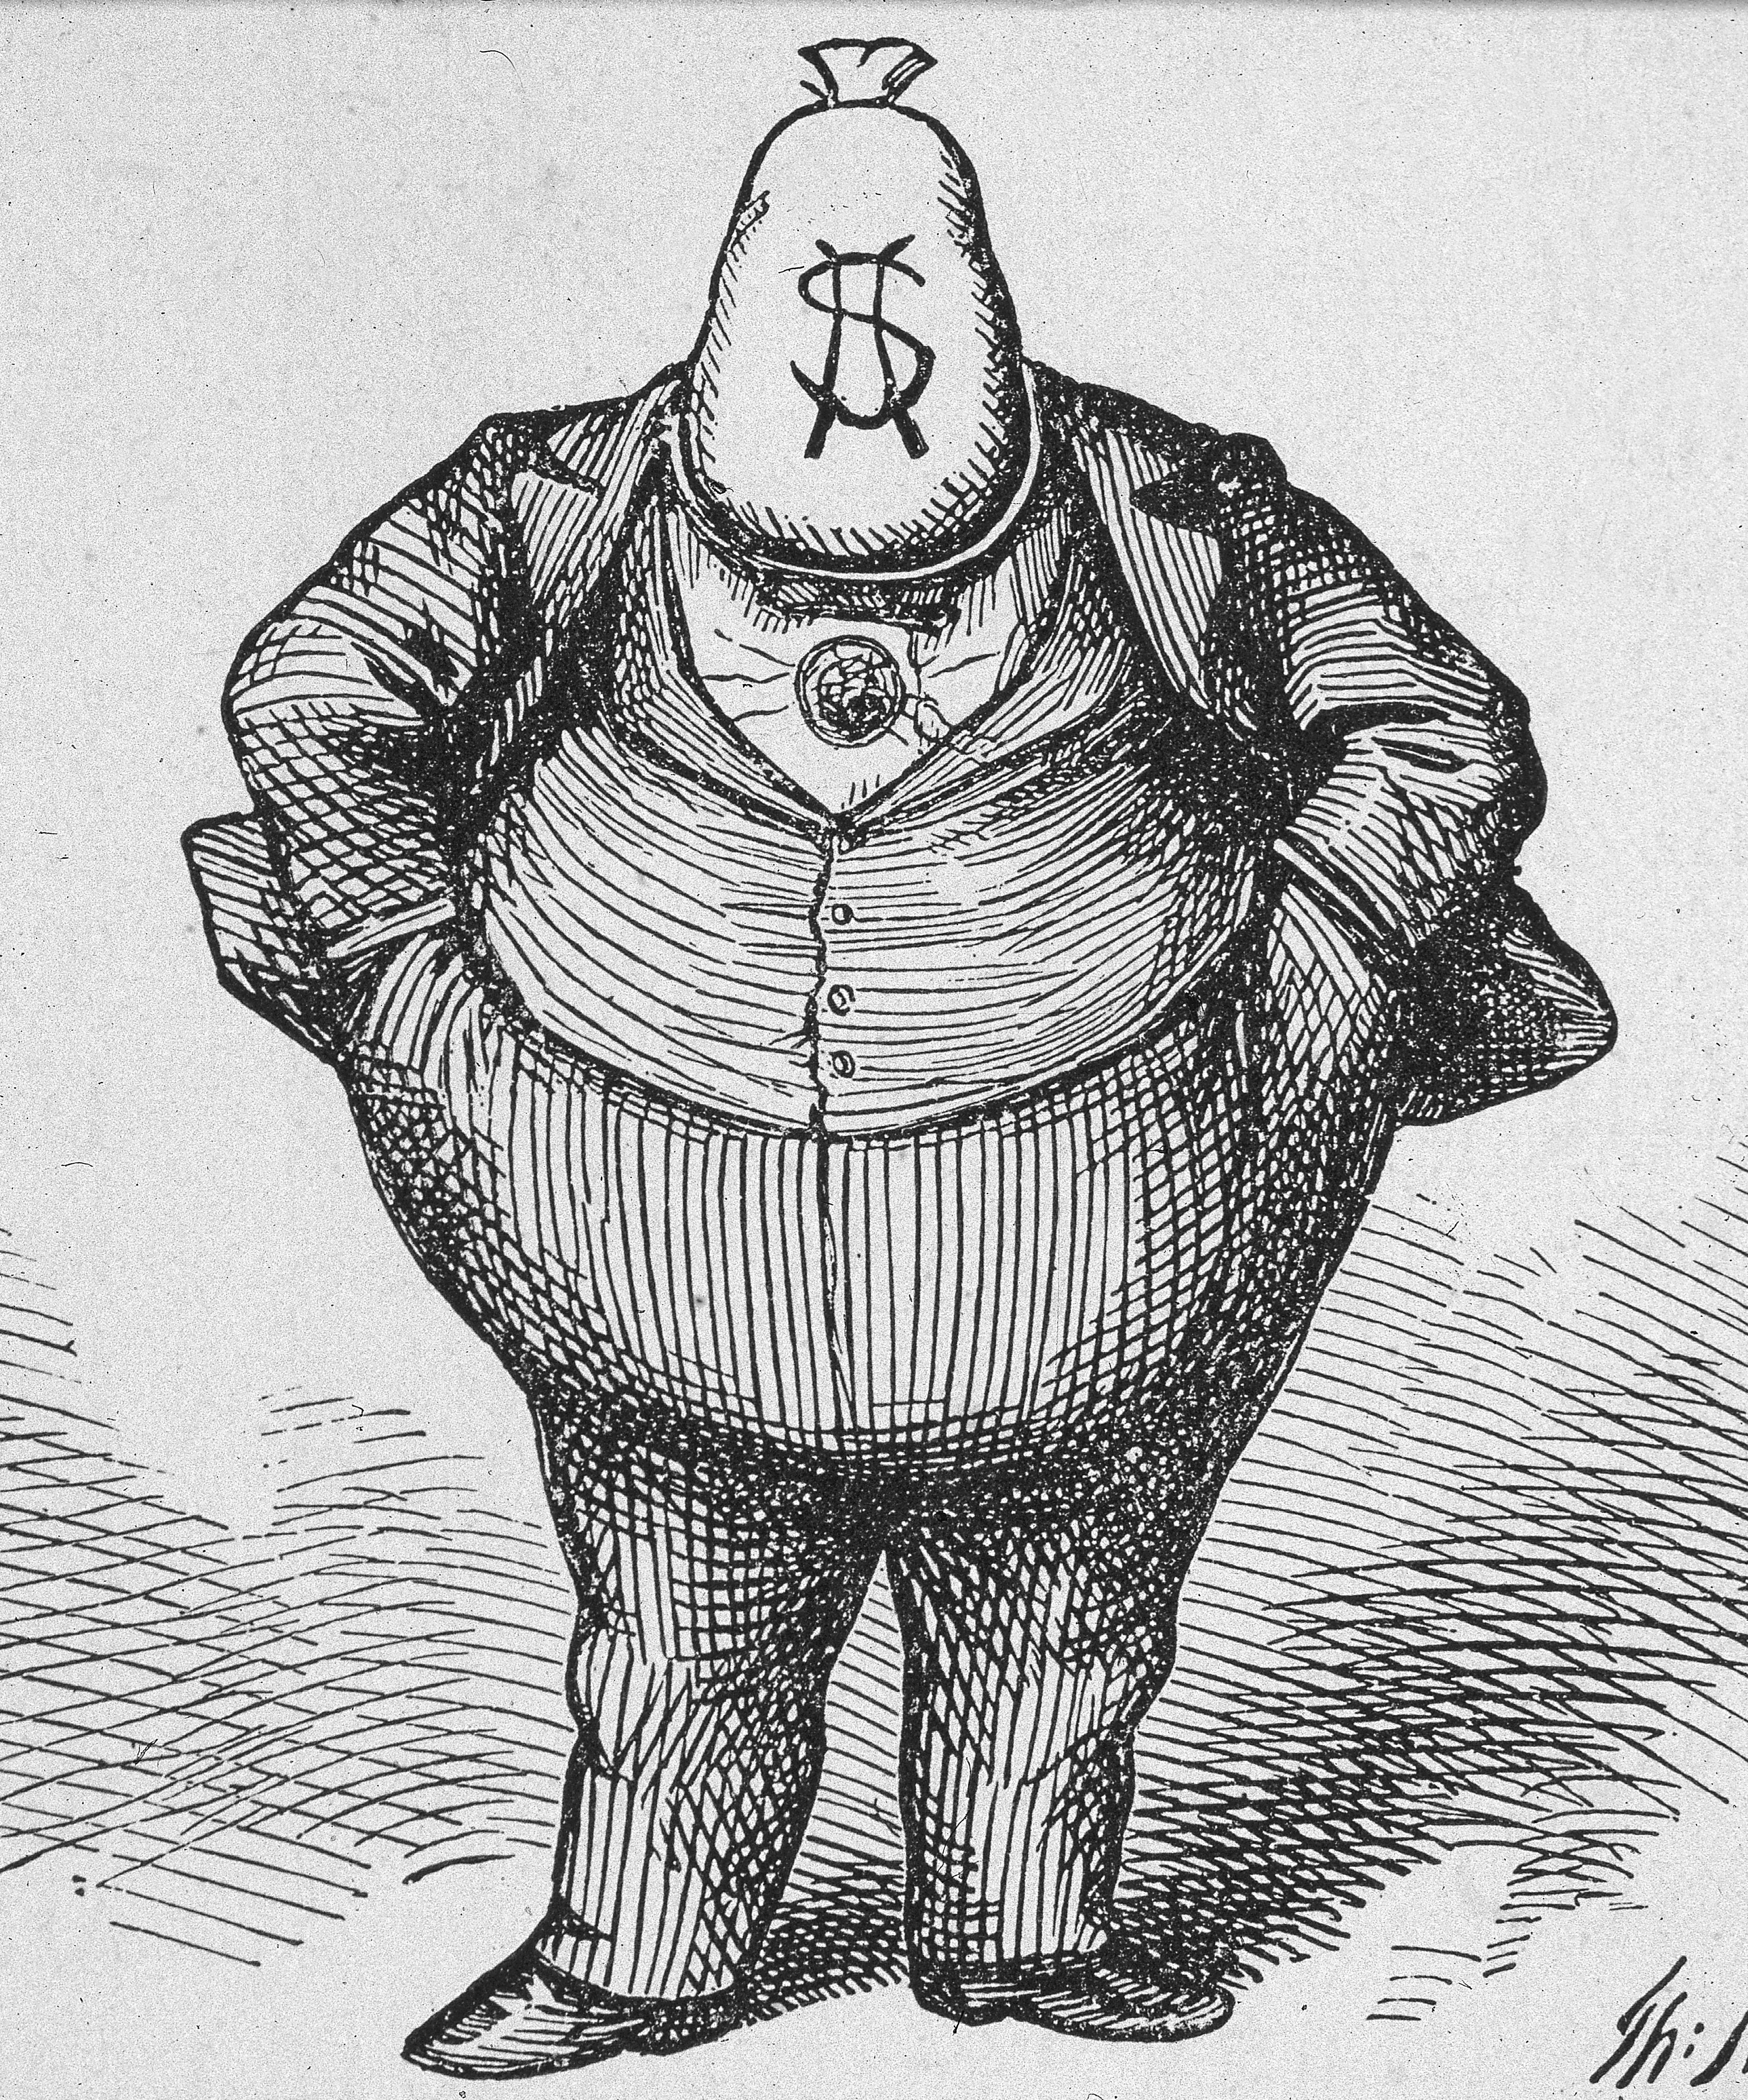 Thomas nast political cartoons